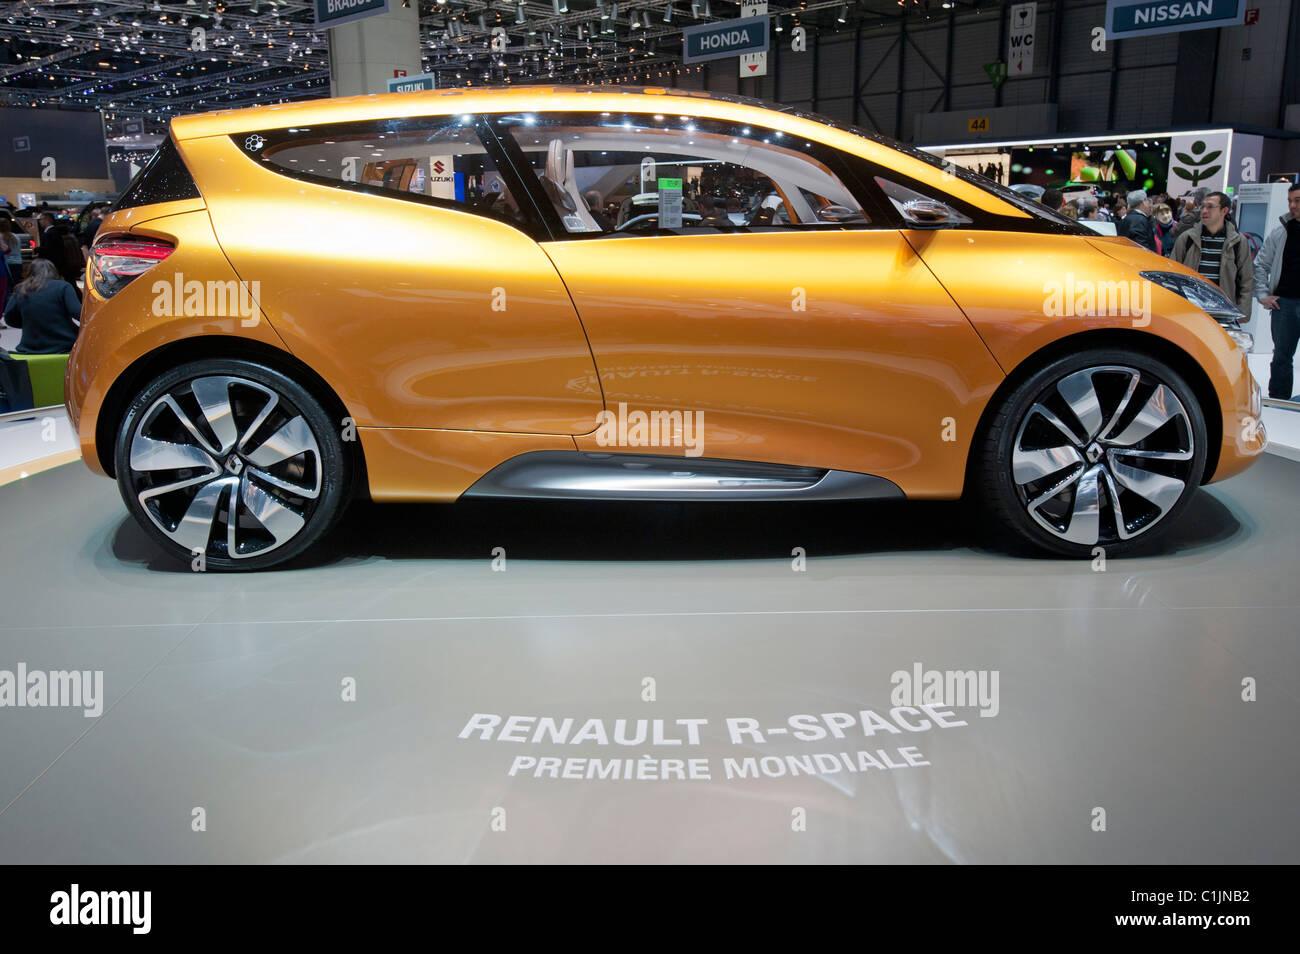 Renault R-Space concept en el Salón del Automóvil de Ginebra 2011 Suiza Imagen De Stock